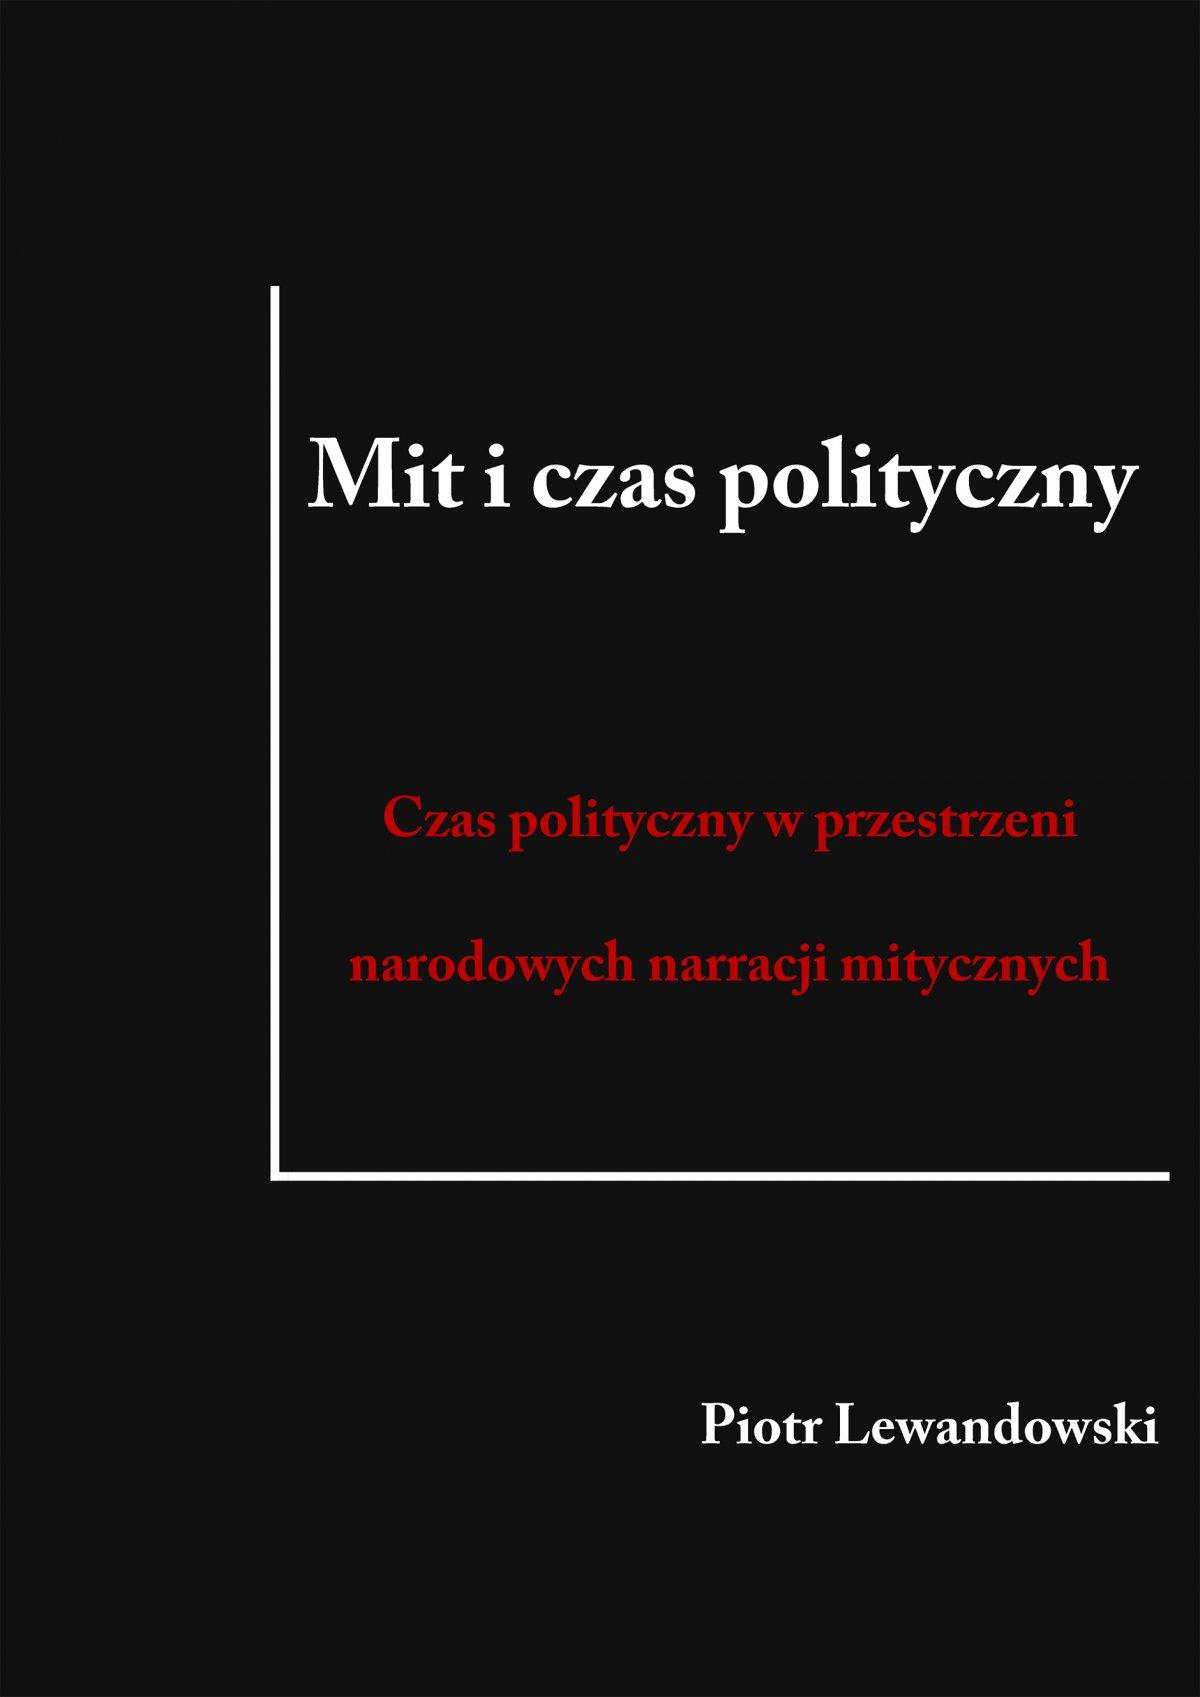 Mit i czas polityczny. Czas polityczny w przestrzeni narodowych narracji mitycznych - Ebook (Książka EPUB) do pobrania w formacie EPUB